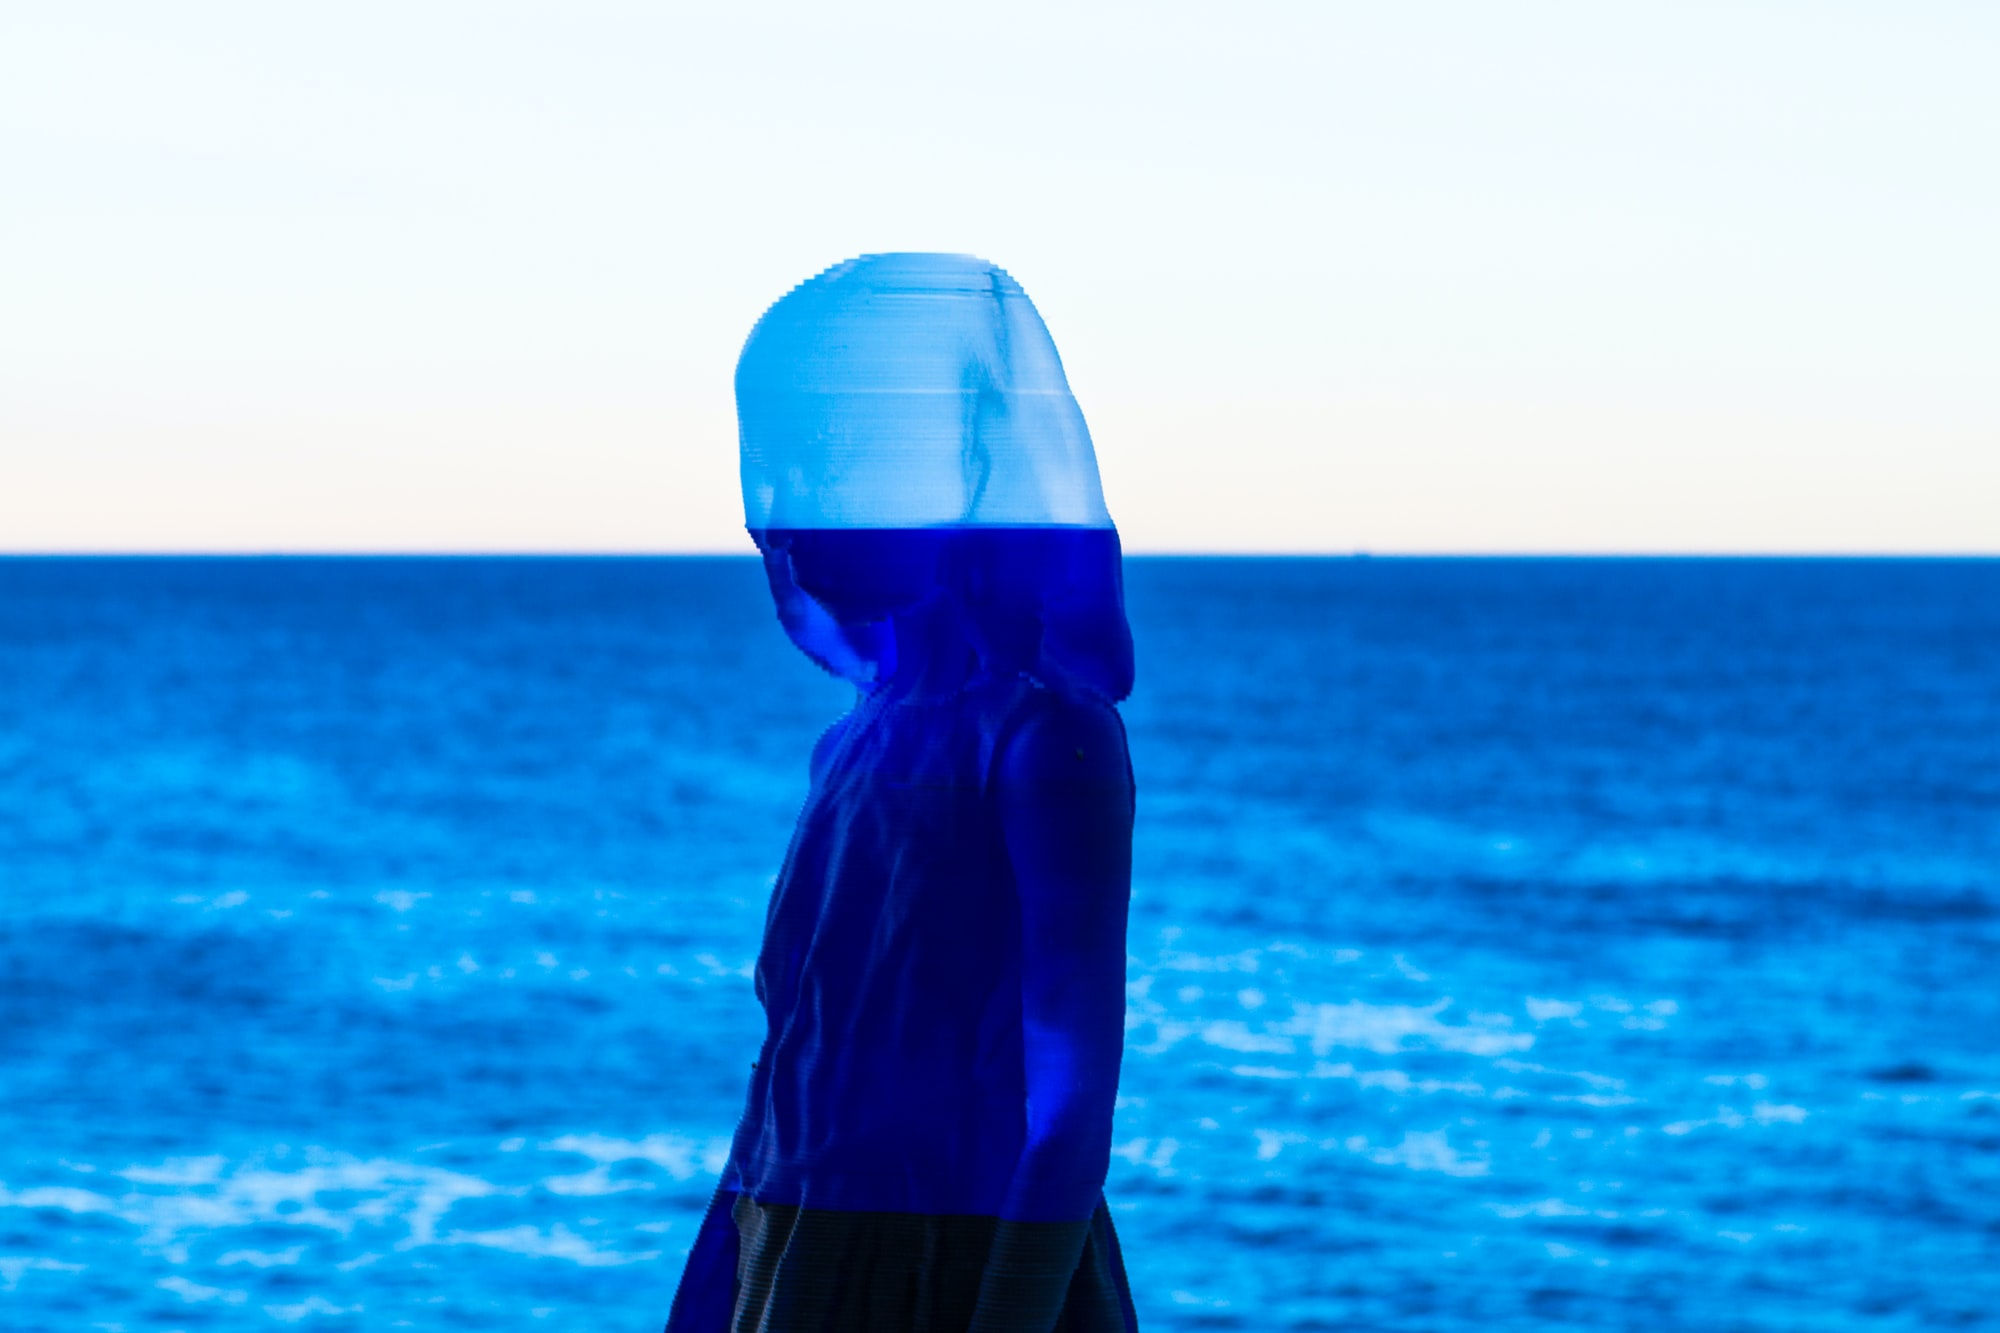 Учените създават холограма, която може да докоснете